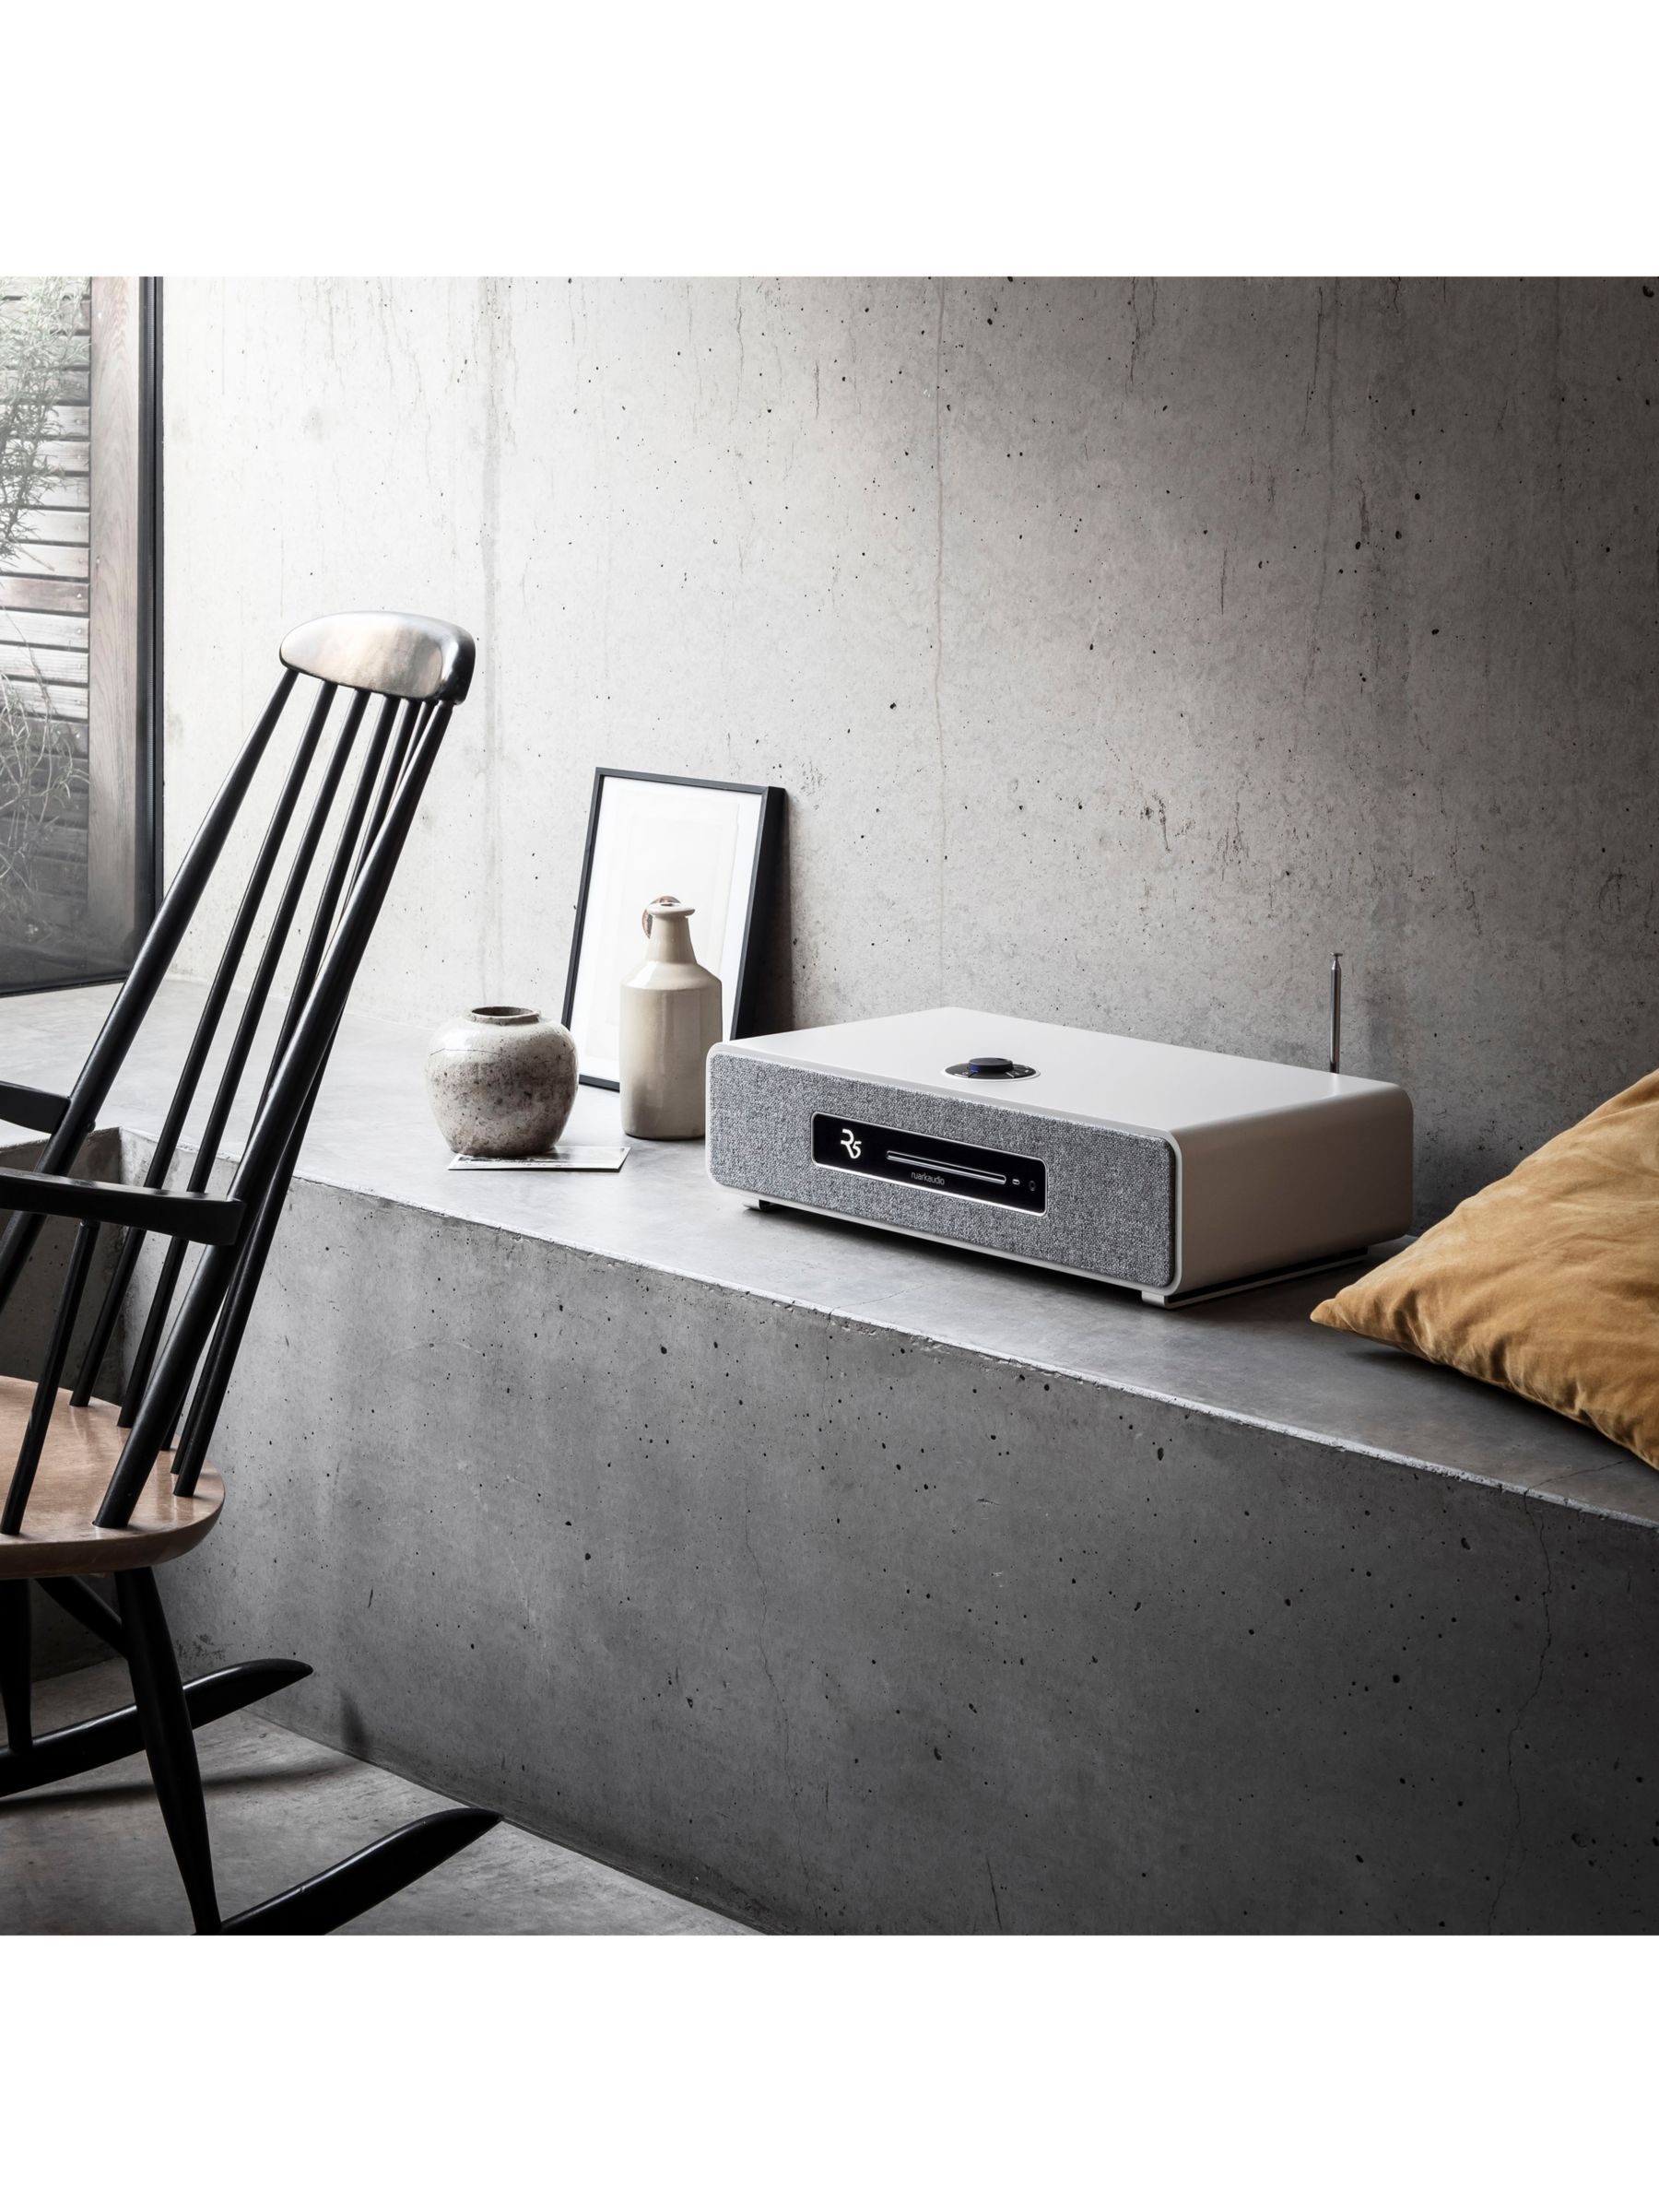 Ruark R5 DAB/DAB+/FM/Internet Radio & CD Bluetooth Wi-Fi Wireless All-In-One Music System, Soft Grey